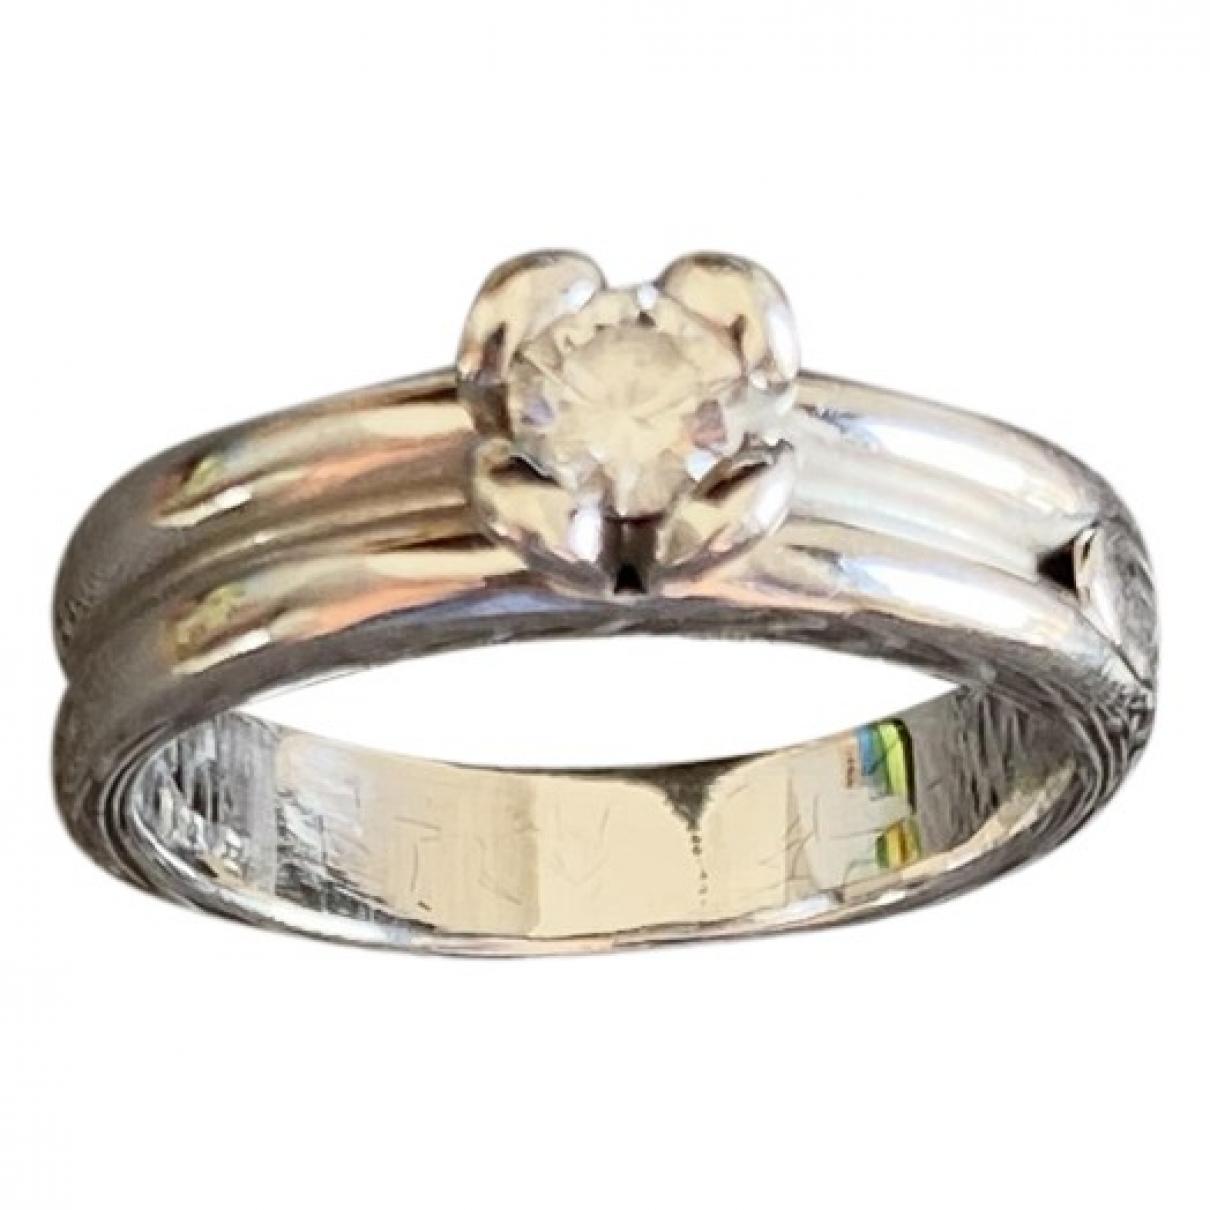 Damiani N White White gold ring for Women L ½ UK